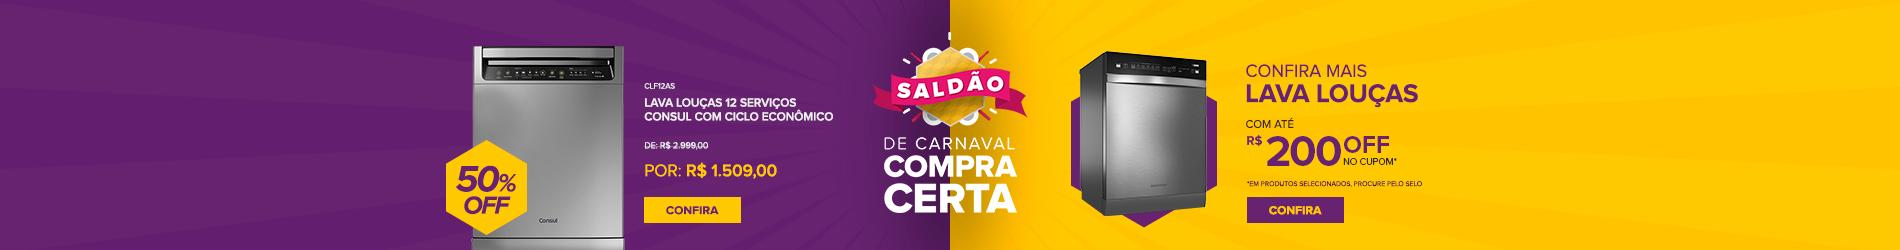 Promoção Interna - 2255 - saldao-carnaval_CLF12AS-cupomlavalouca-duplo_14022018_home5 - CLF12AS-cupomlavalouca-duplo - 5